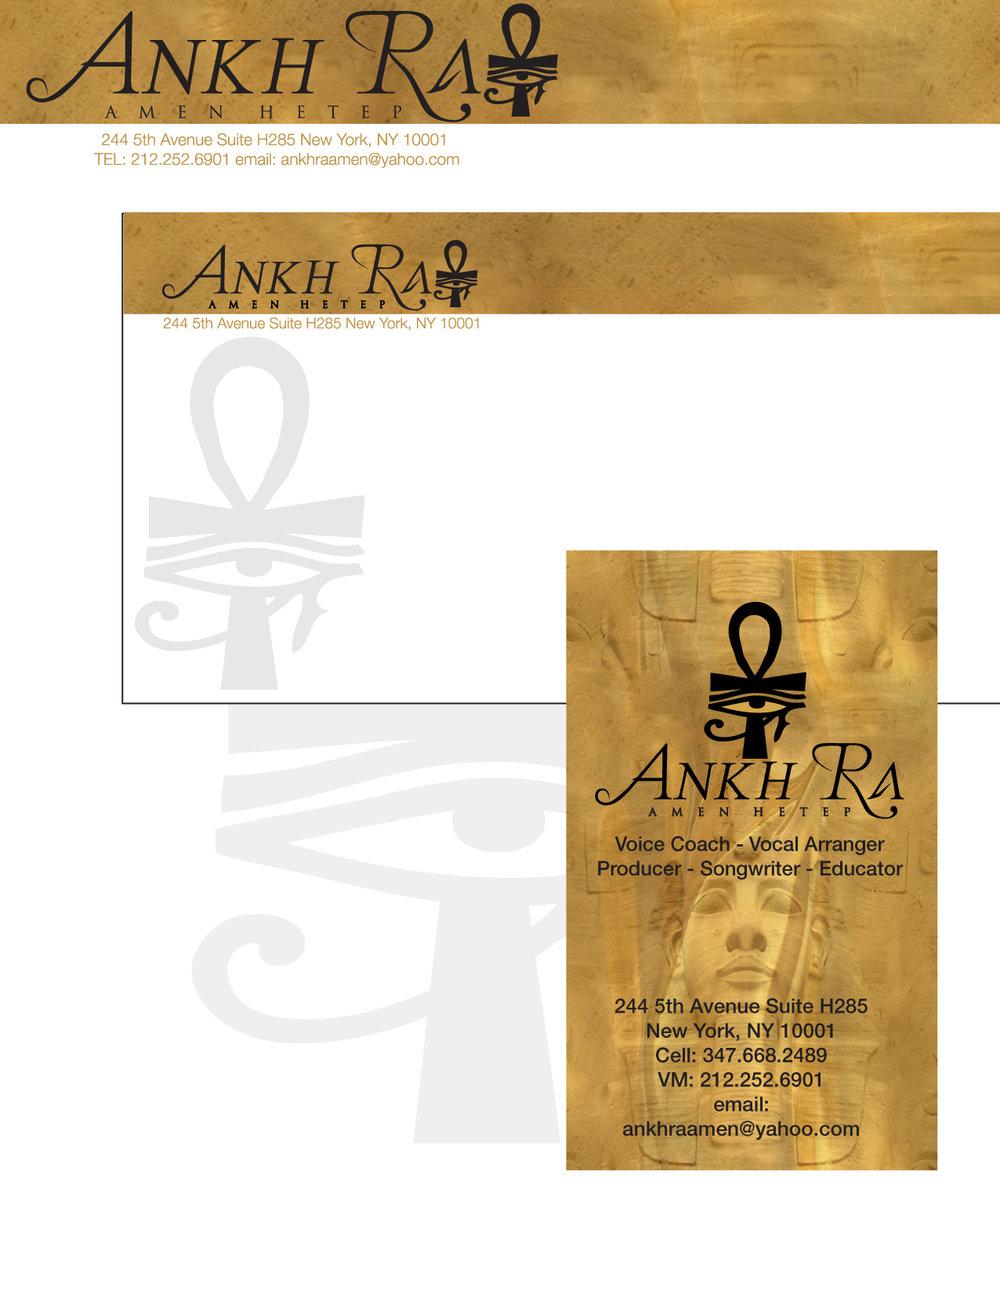 ANKH RA-STATIONARY1.jpg